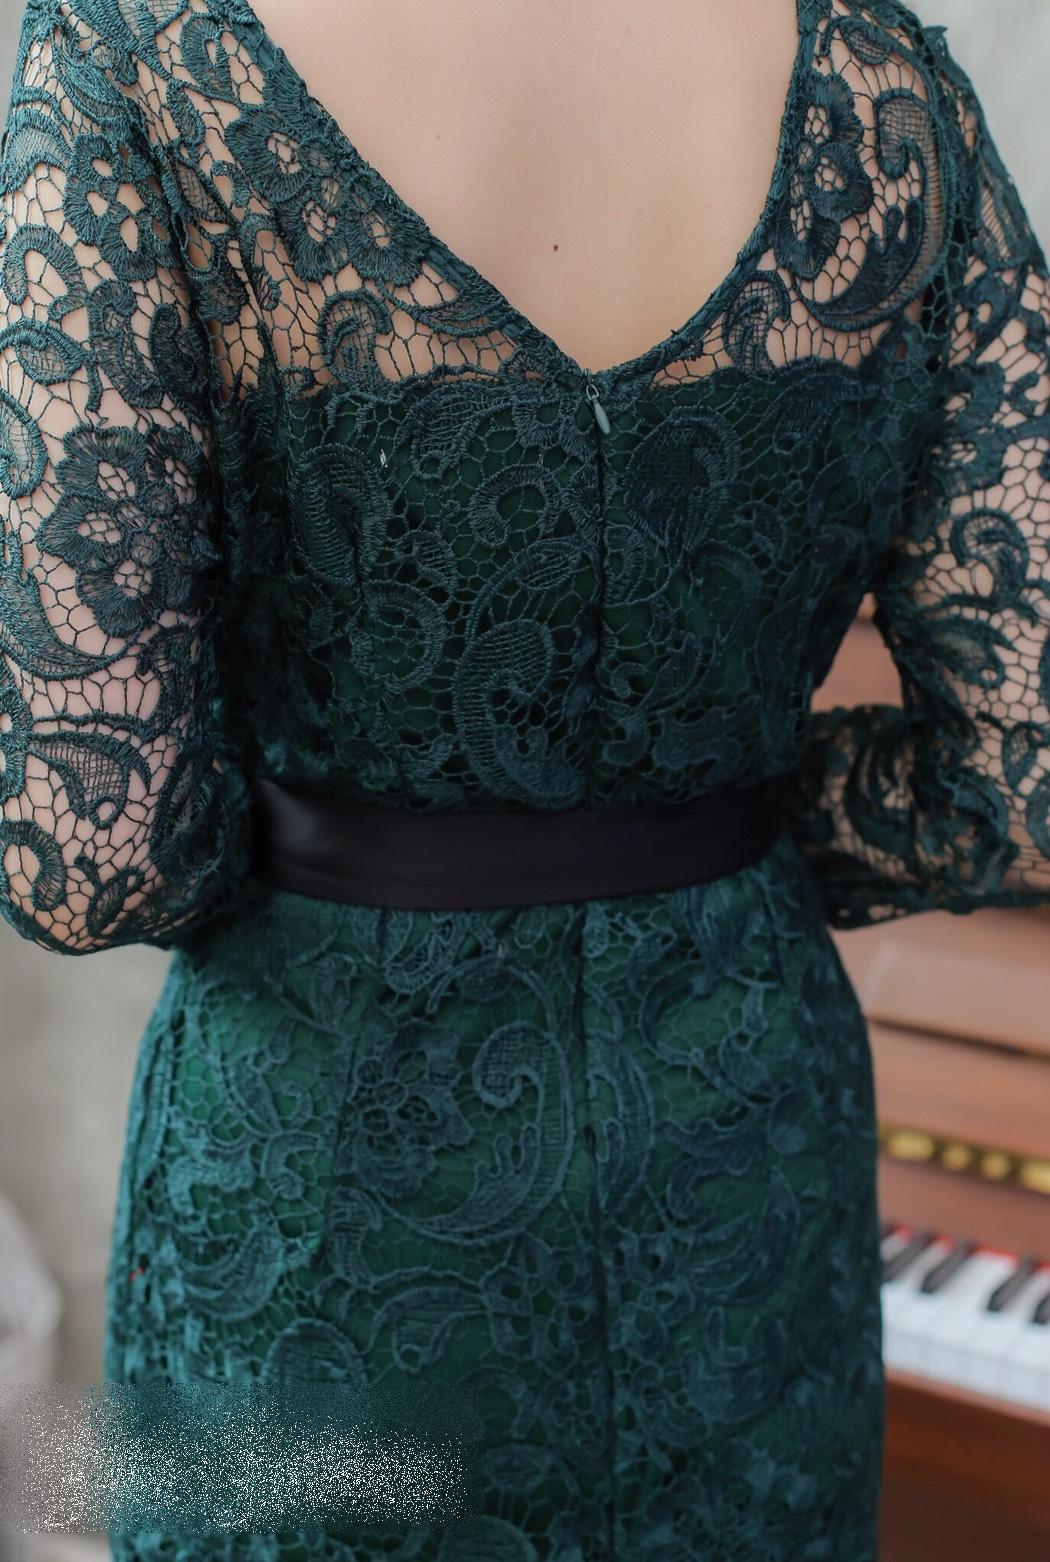 ชุดเดรสไปงานสีเขียว , ชุดไปงานแต่งงานสีเขียว, ชุดเดรสสีเขียว, แฟชั่นชุดไปงานสวยๆ, ชุดเดรสสวยหรูสีเขียว,ชุดเดรสเปิดไหล่สีเขียว,ชุดราตรีสั้นสีเขียว,ชุดลูกไม้สีเขียว